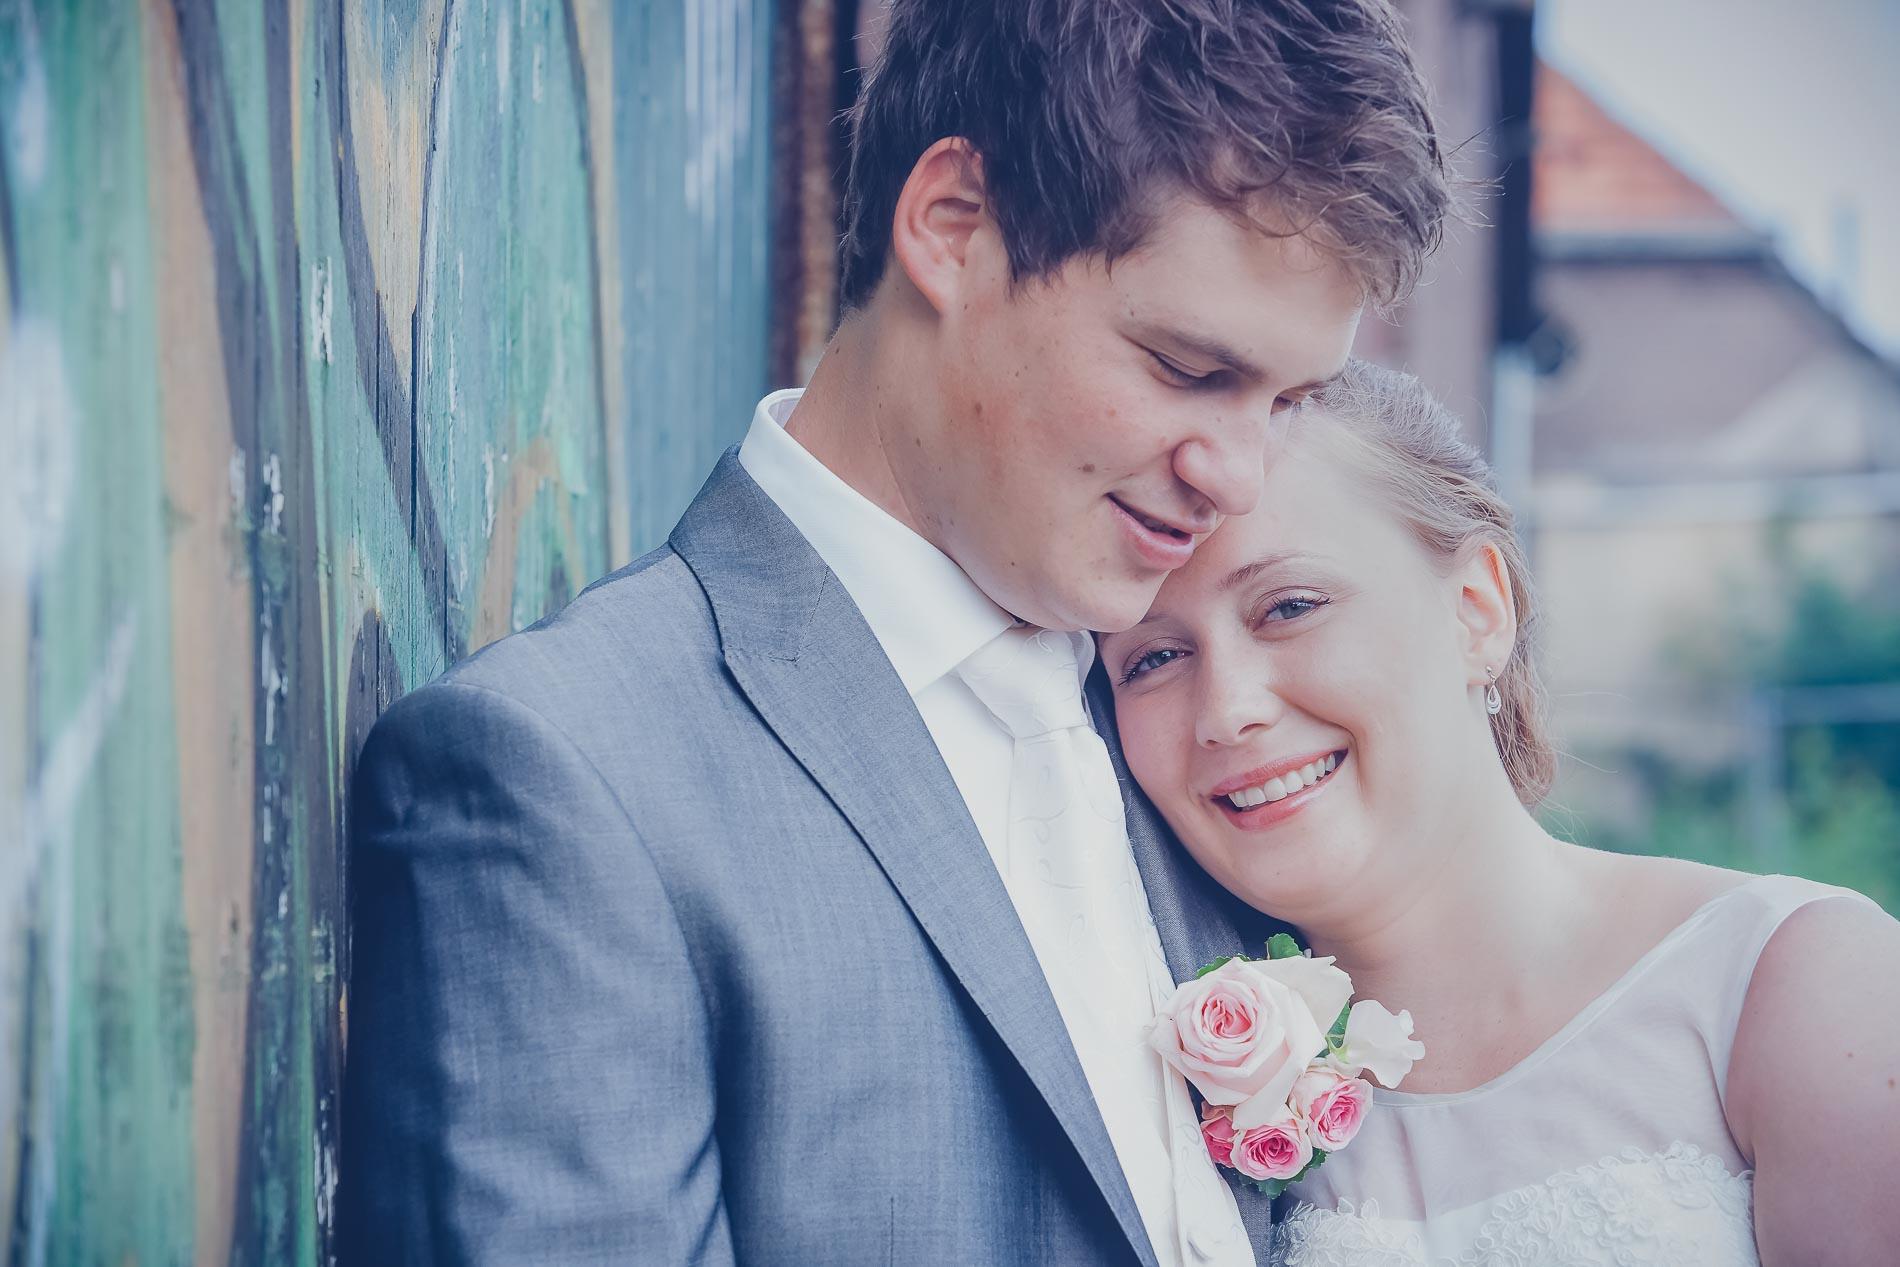 bruid & bruidegom | Trouwfotograaf Kampen | Bruidsreportage